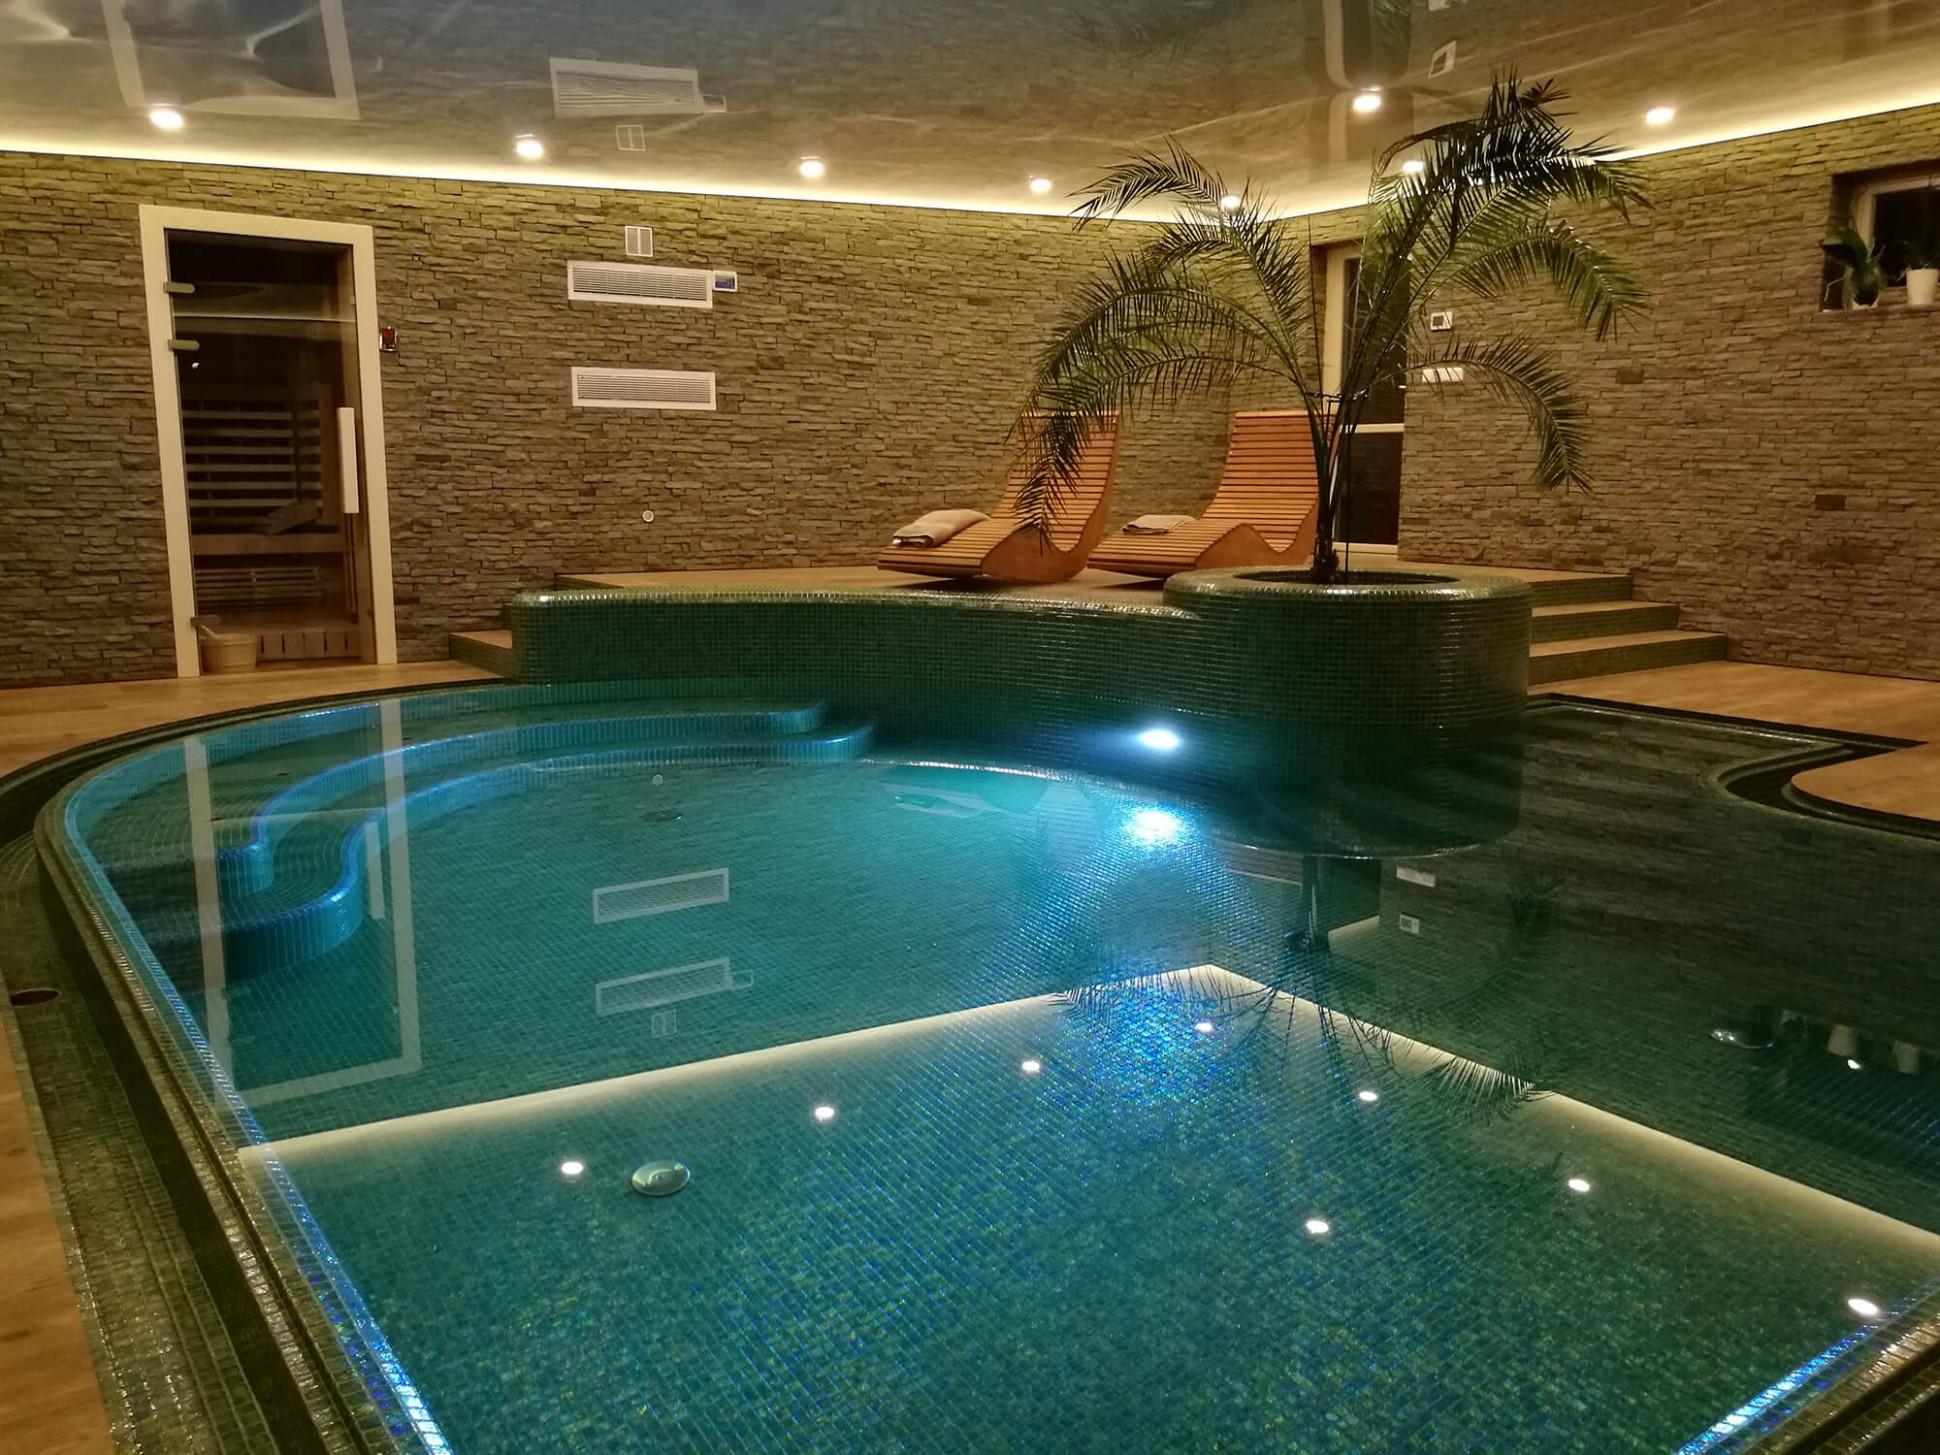 Příklad Idea Nejlépe z Vnitrní bazénu